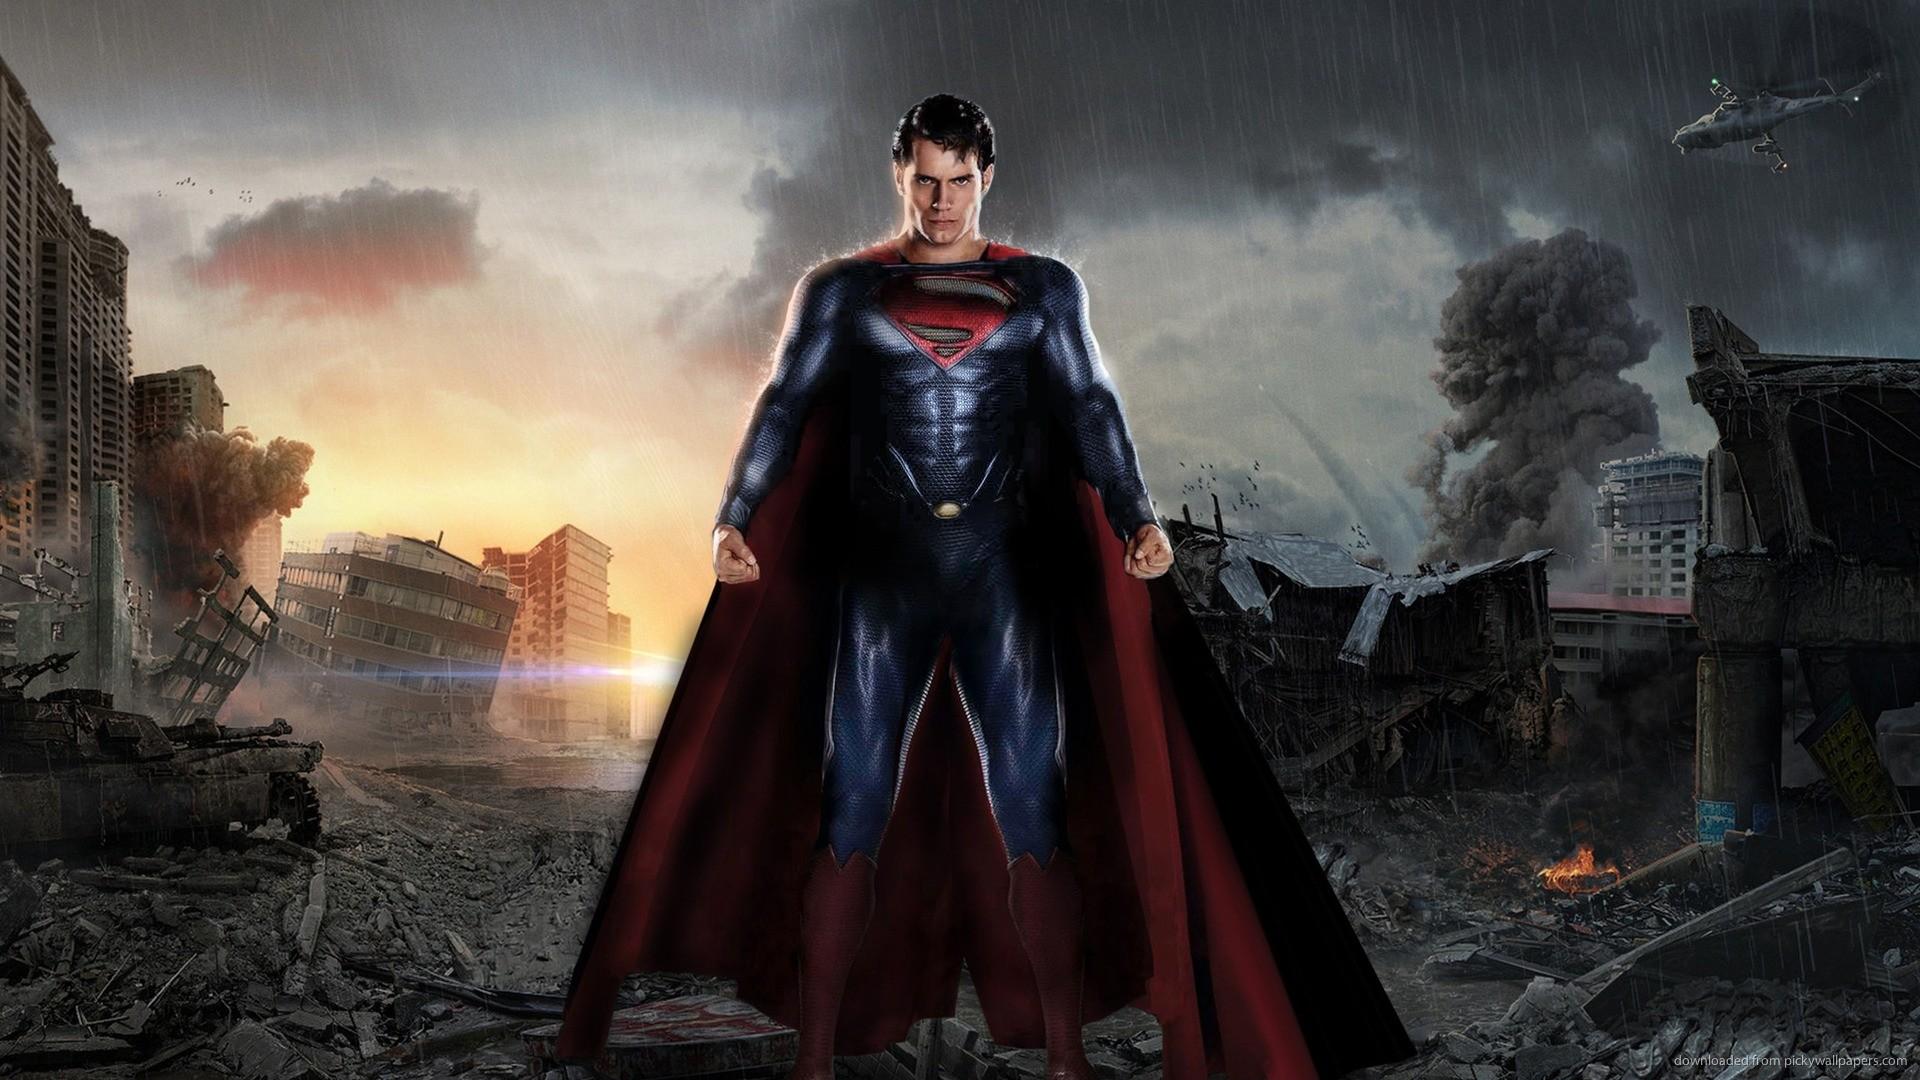 Download Man Of Steel Superman Between The Ruins Wallpaper